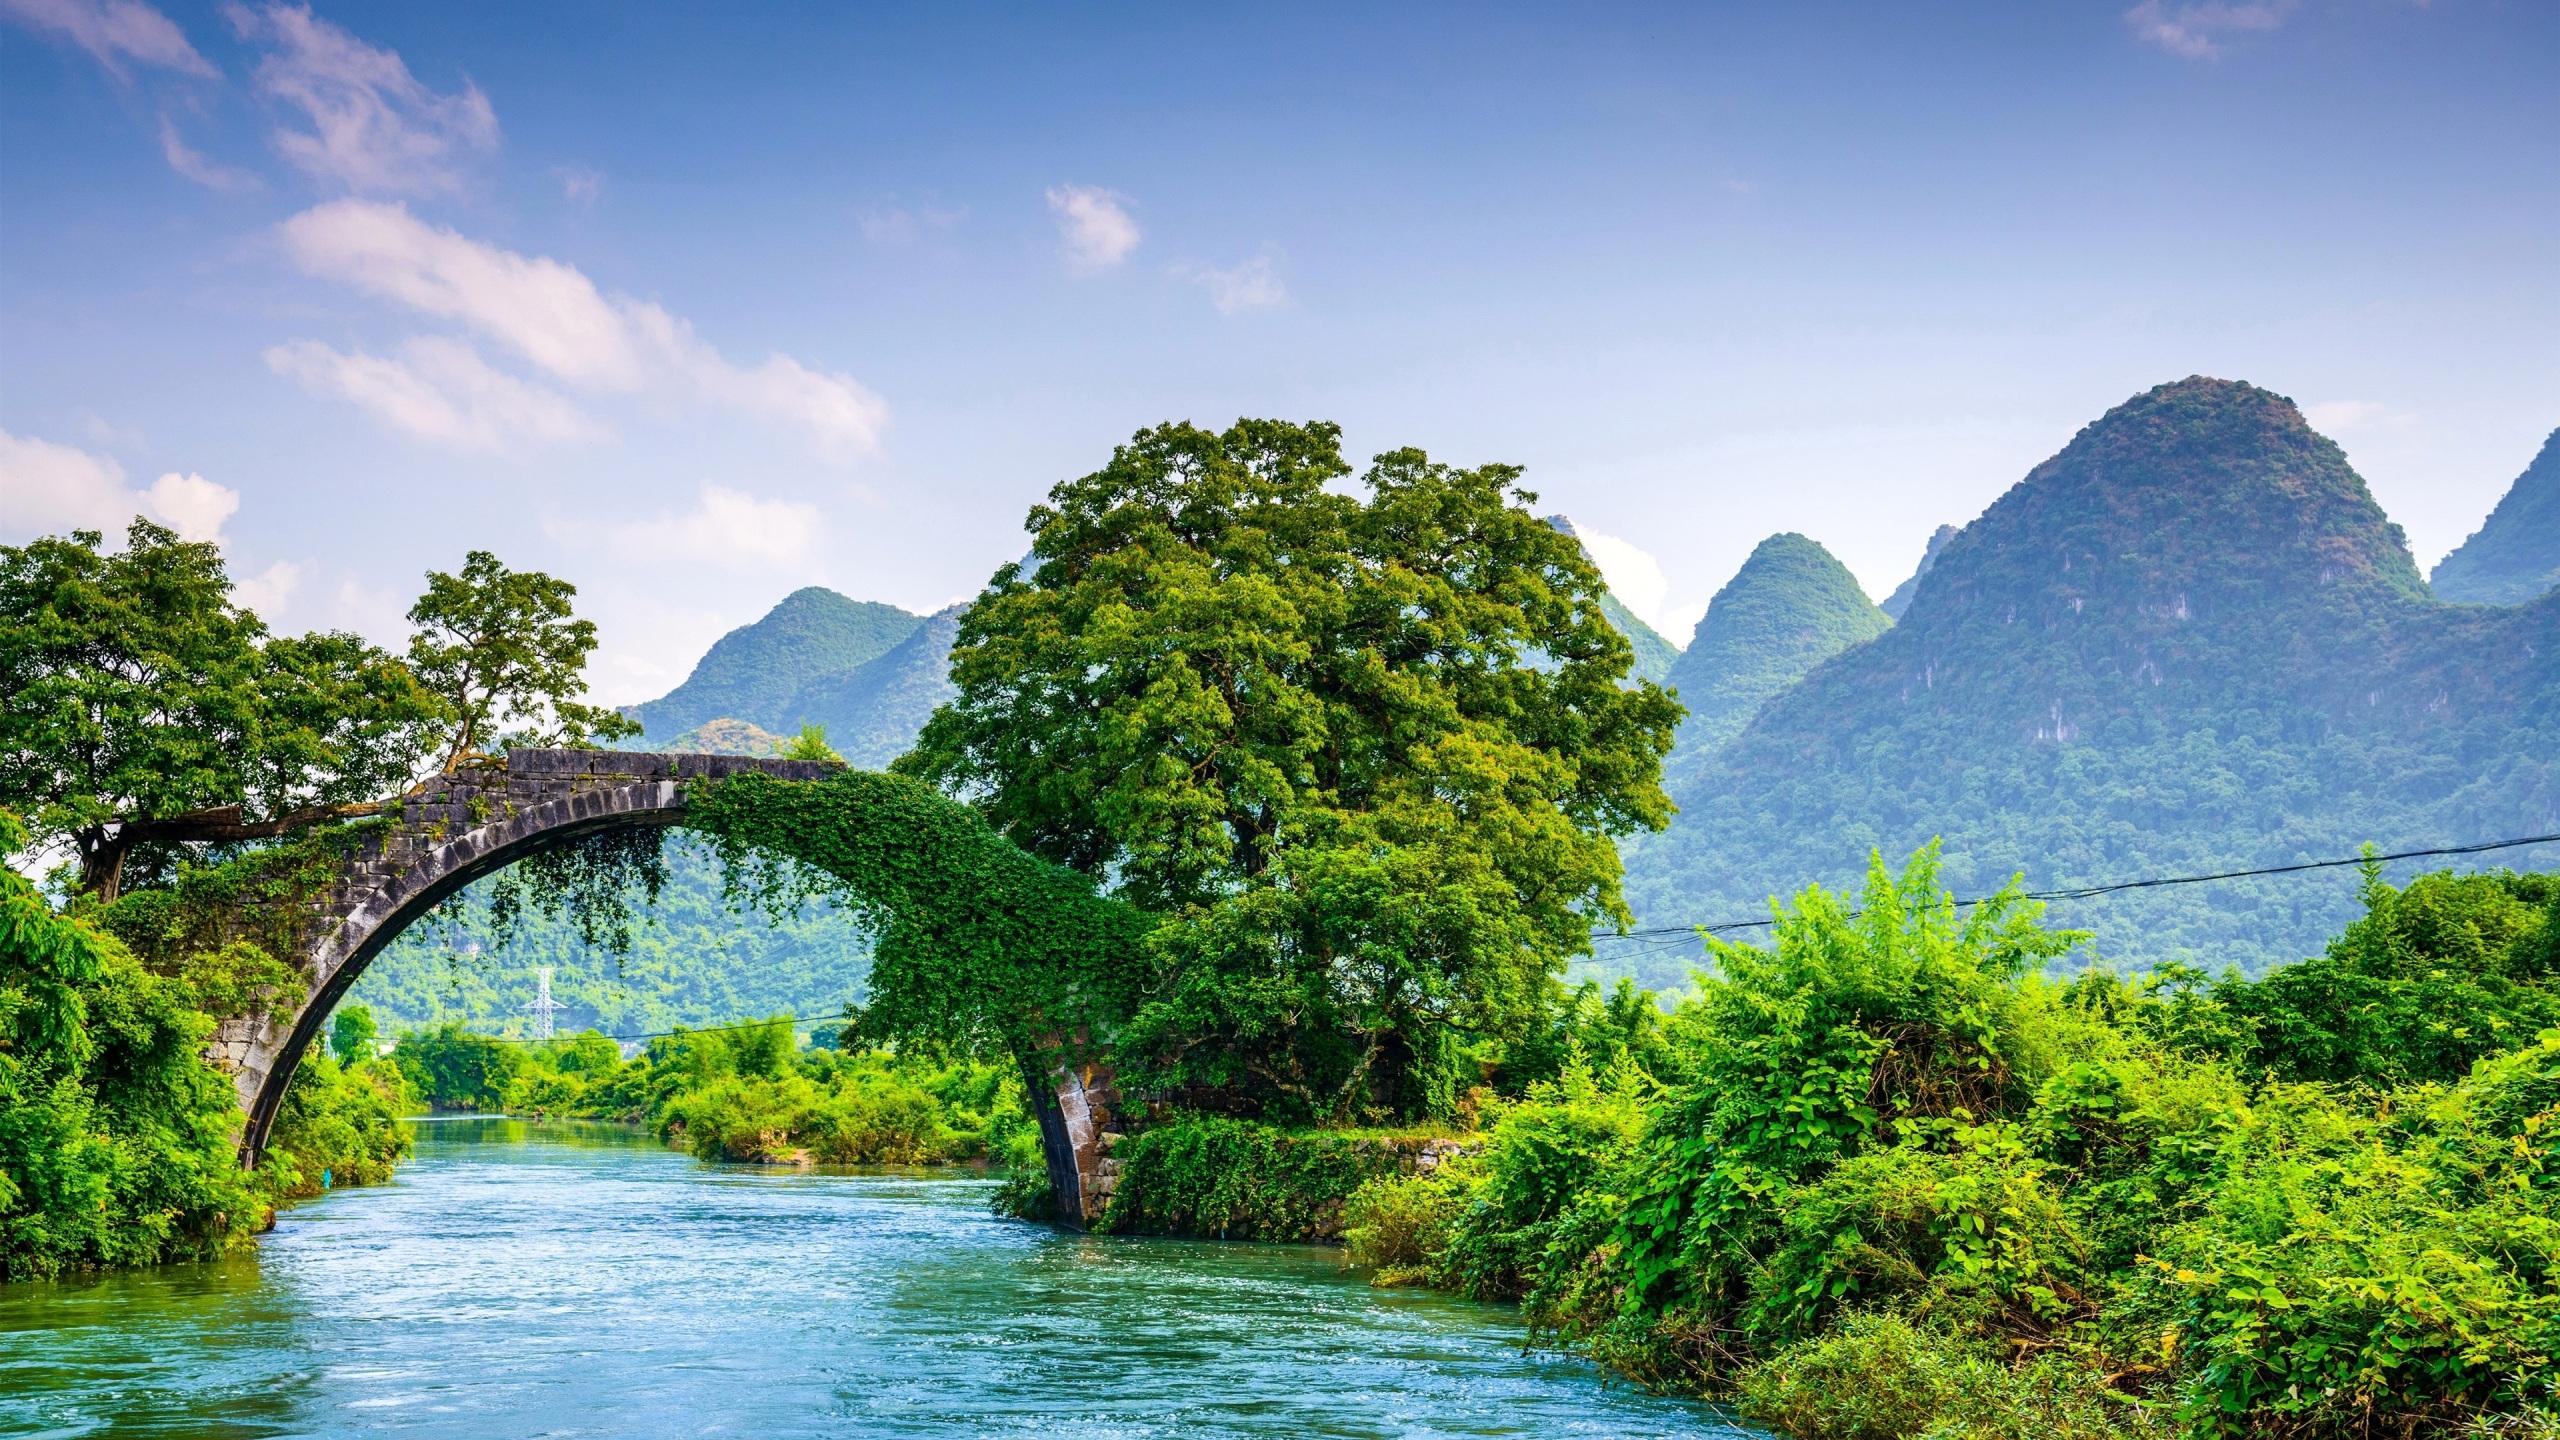 Фотографии Китай Guangxi Guilin гора Мосты Природа Реки 2560x1440 Горы мост река речка